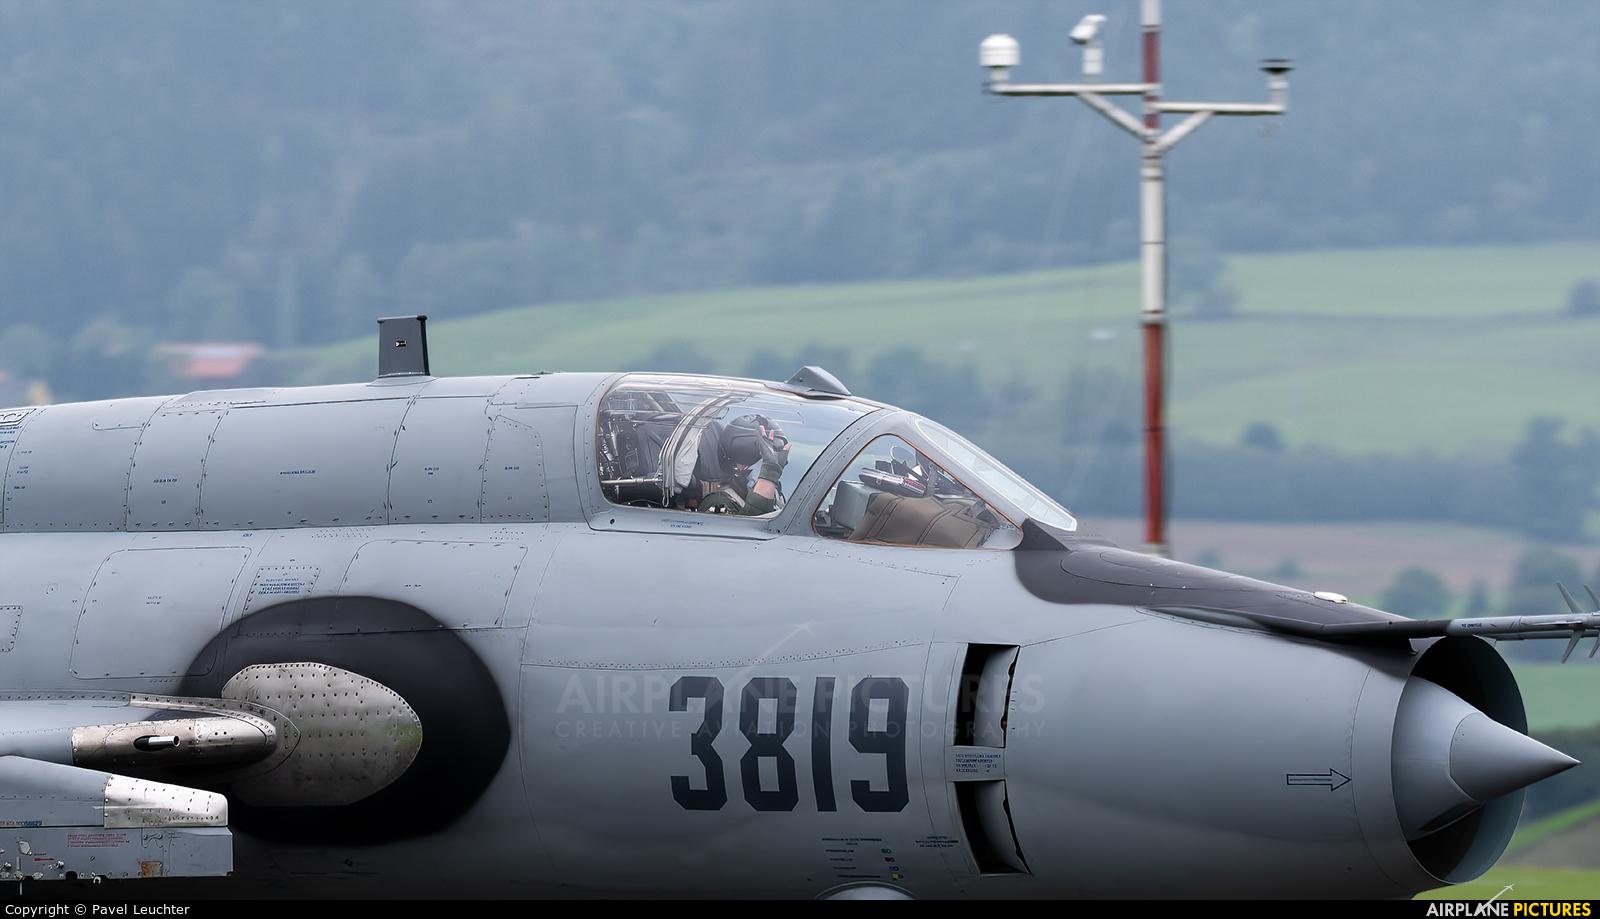 Poland - Air Force 3816 aircraft at Zeltweg